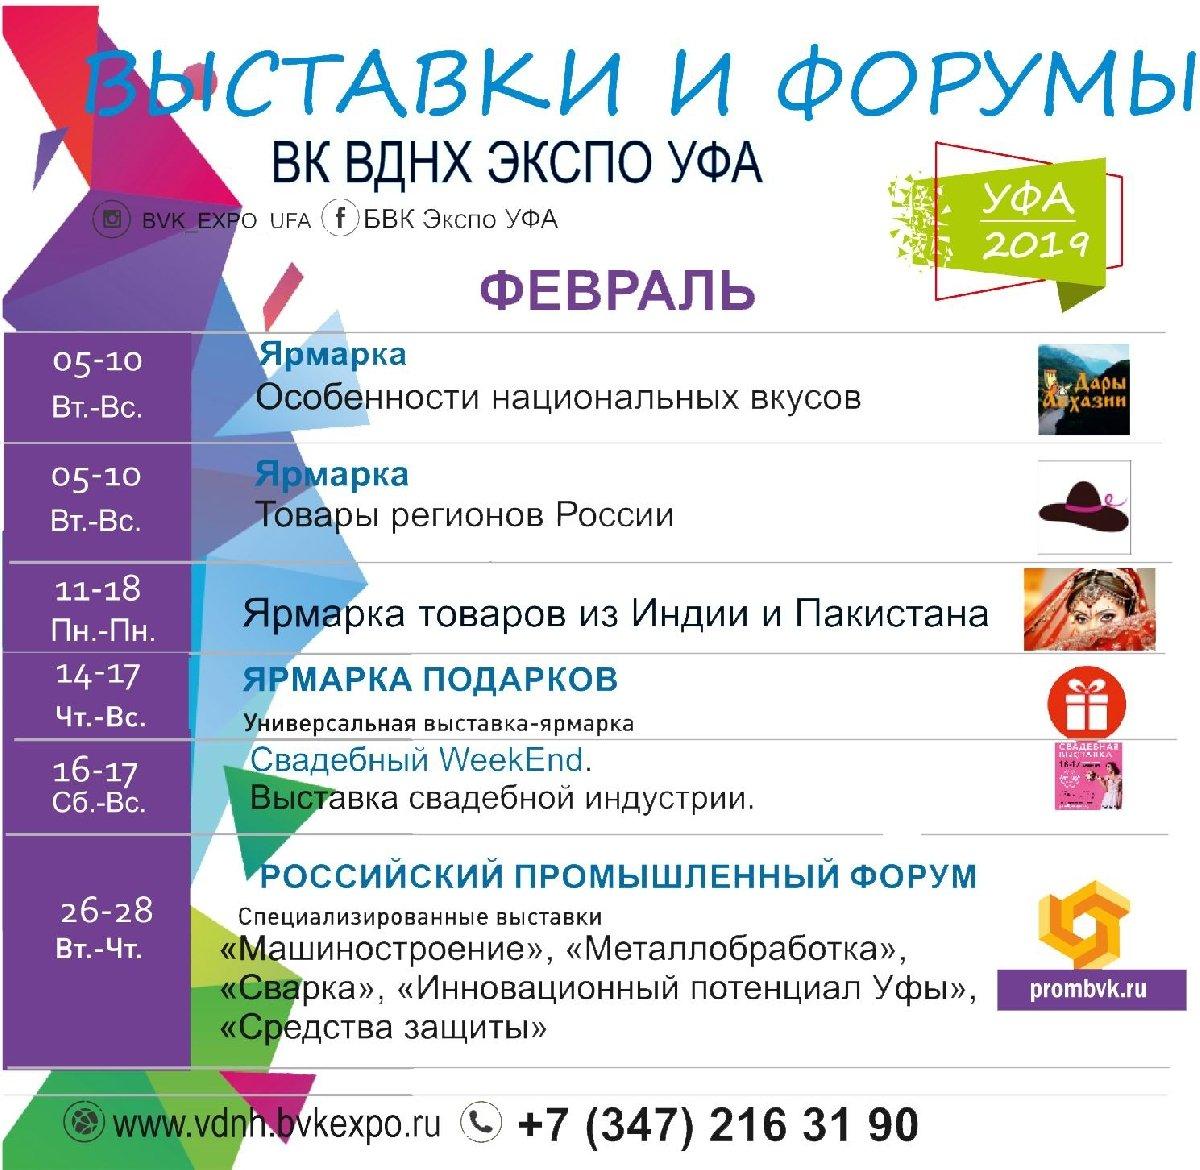 Выставки наВДНХ «ЭКСПО УФА» вфеврале